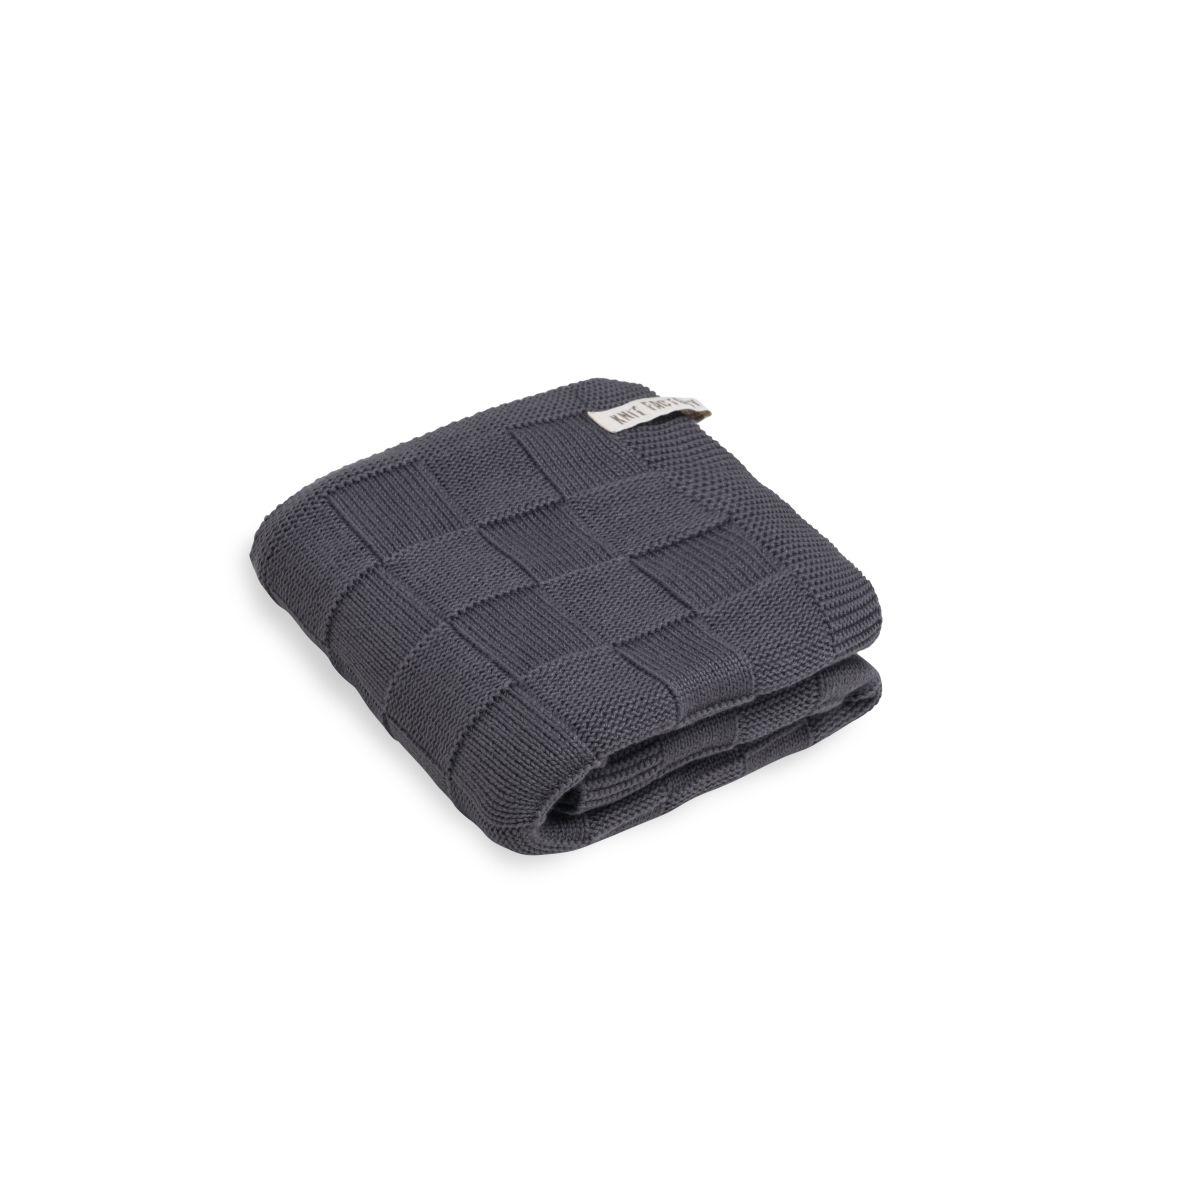 knit factory kf20222501050 handdoek ivy antraciet 60x110 1